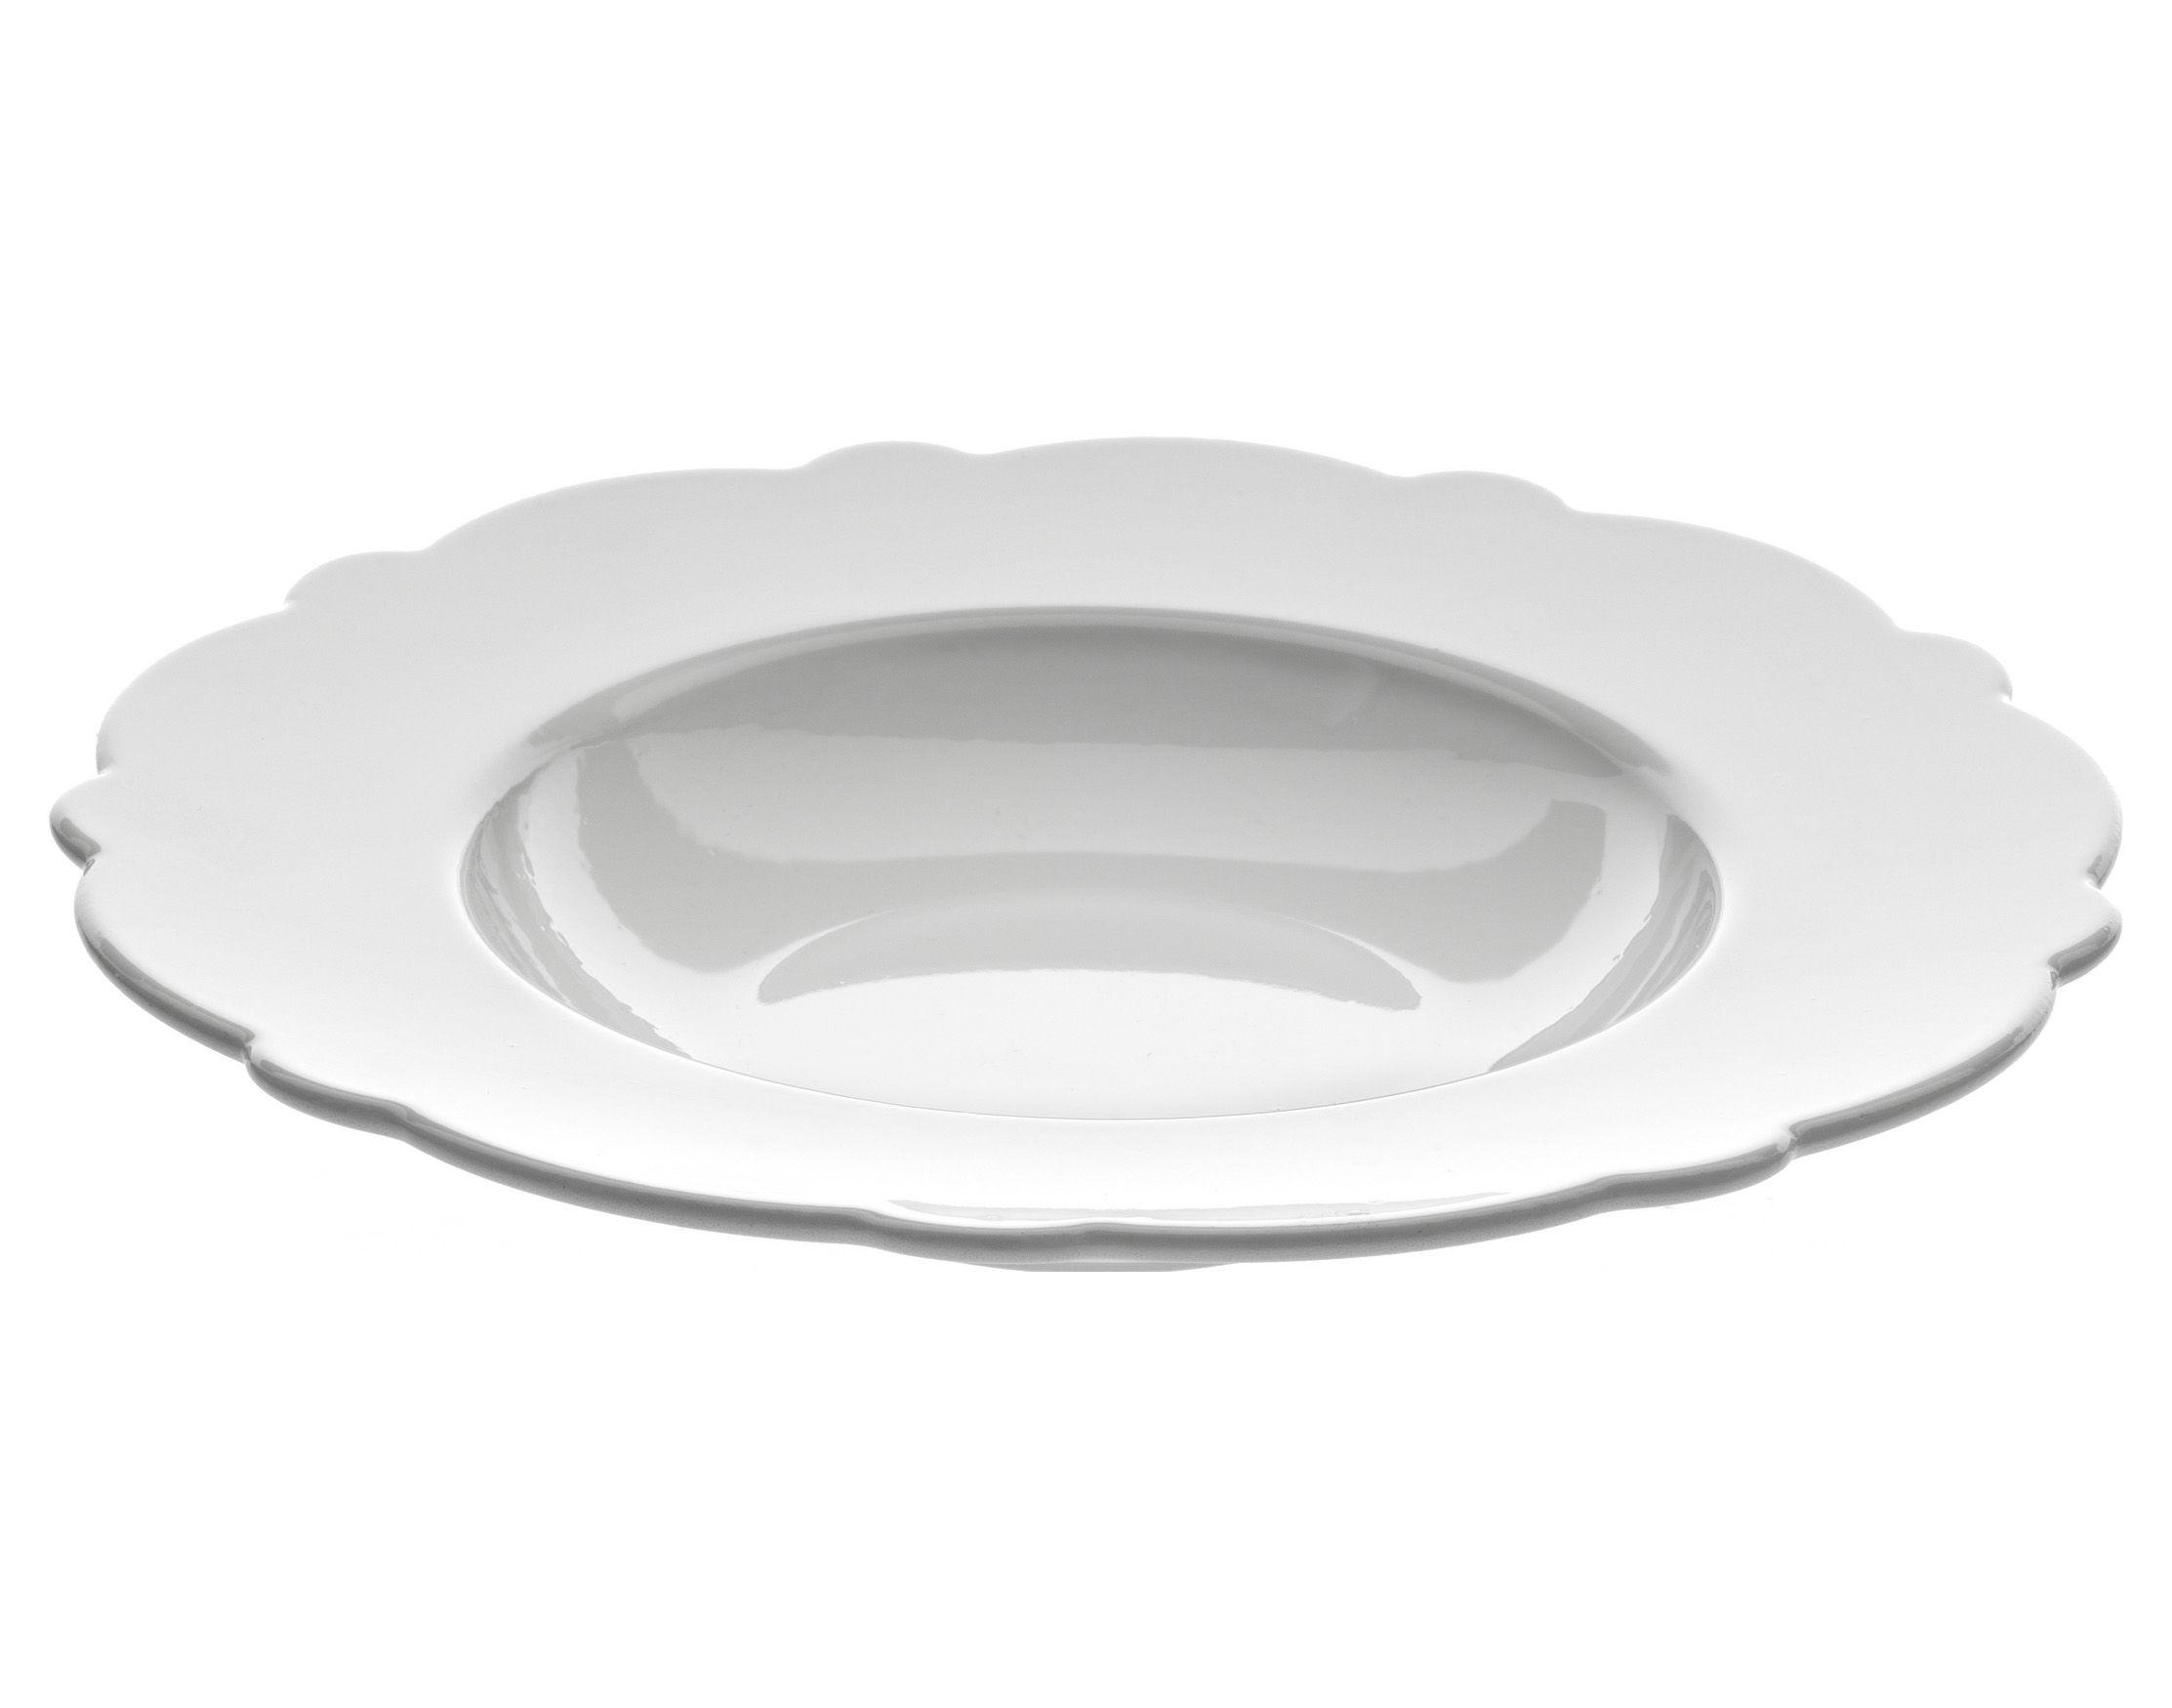 Arts de la table - Assiettes - Assiette creuse Dressed Ø 23 cm - Alessi - Assiette creuse Ø 23 cm - Blanc - Porcelaine